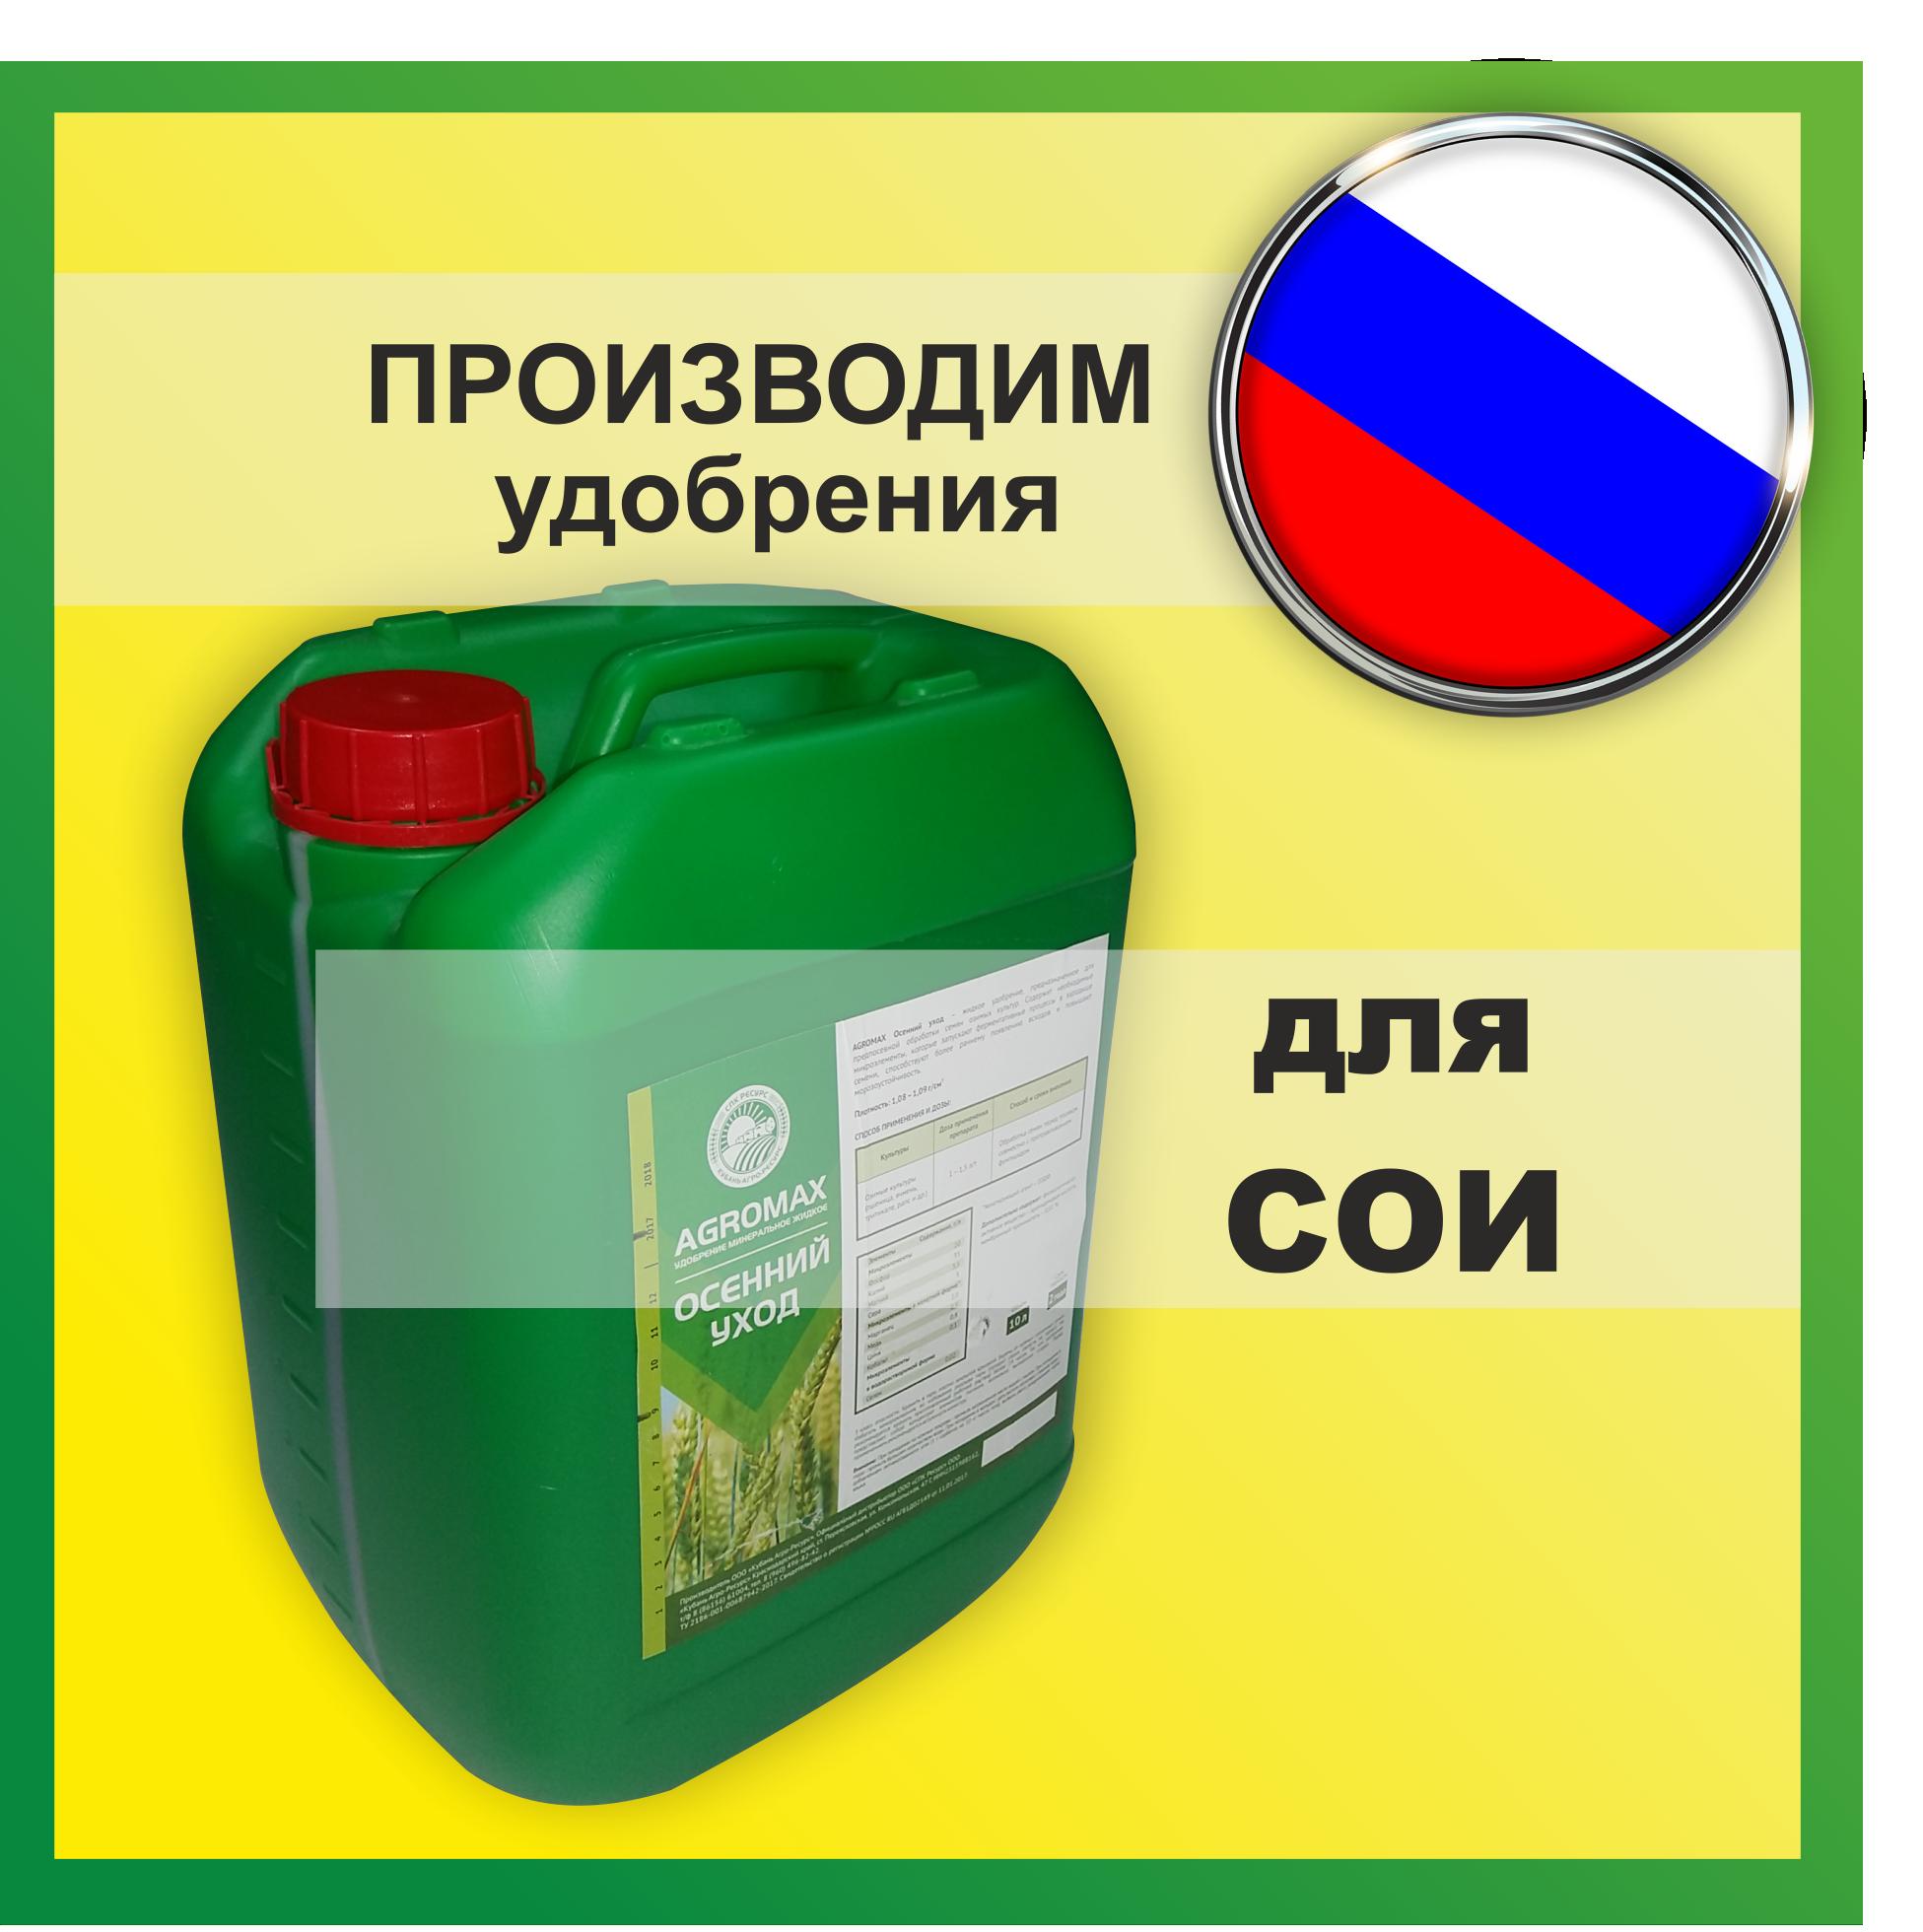 dlya-SOI-udobrenie-agromaks-1-1